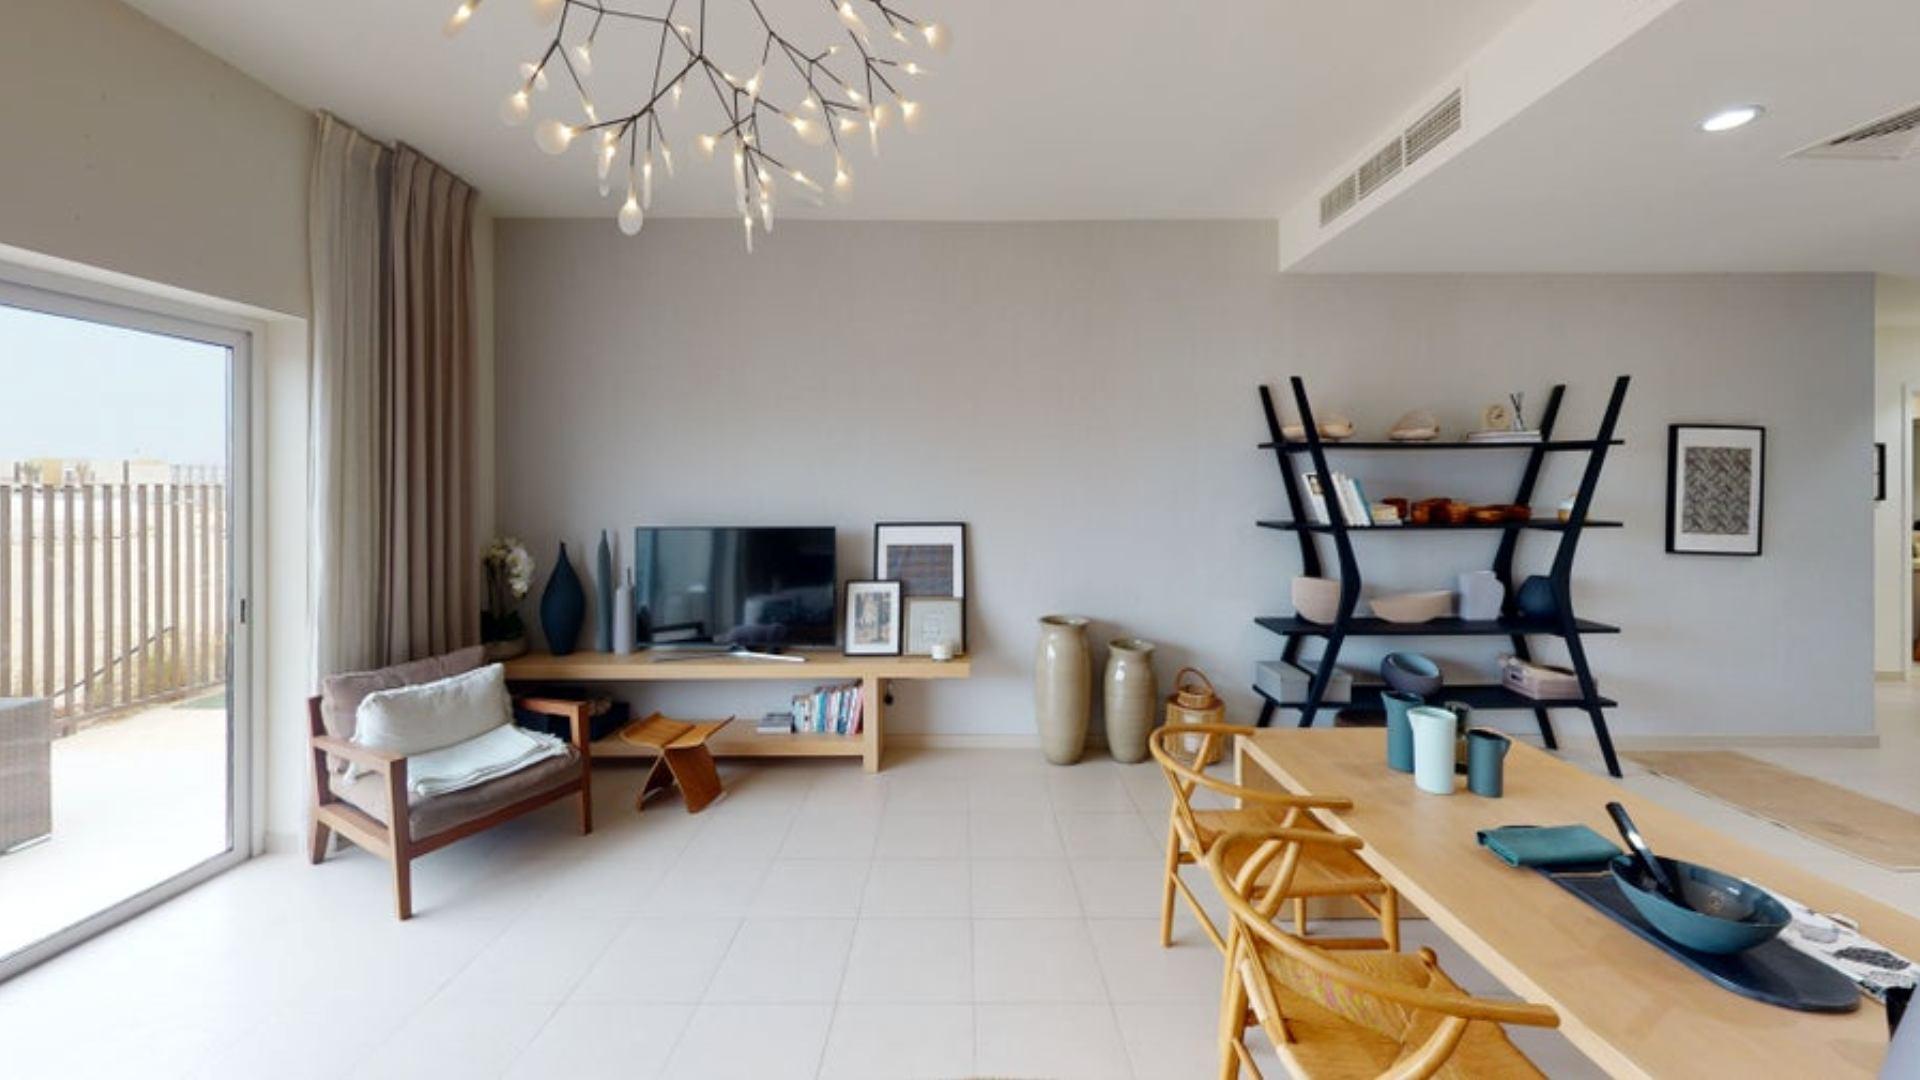 Adosado en venta en Dubai, EAU, 3 dormitorios, 212 m2, № 24248 – foto 3